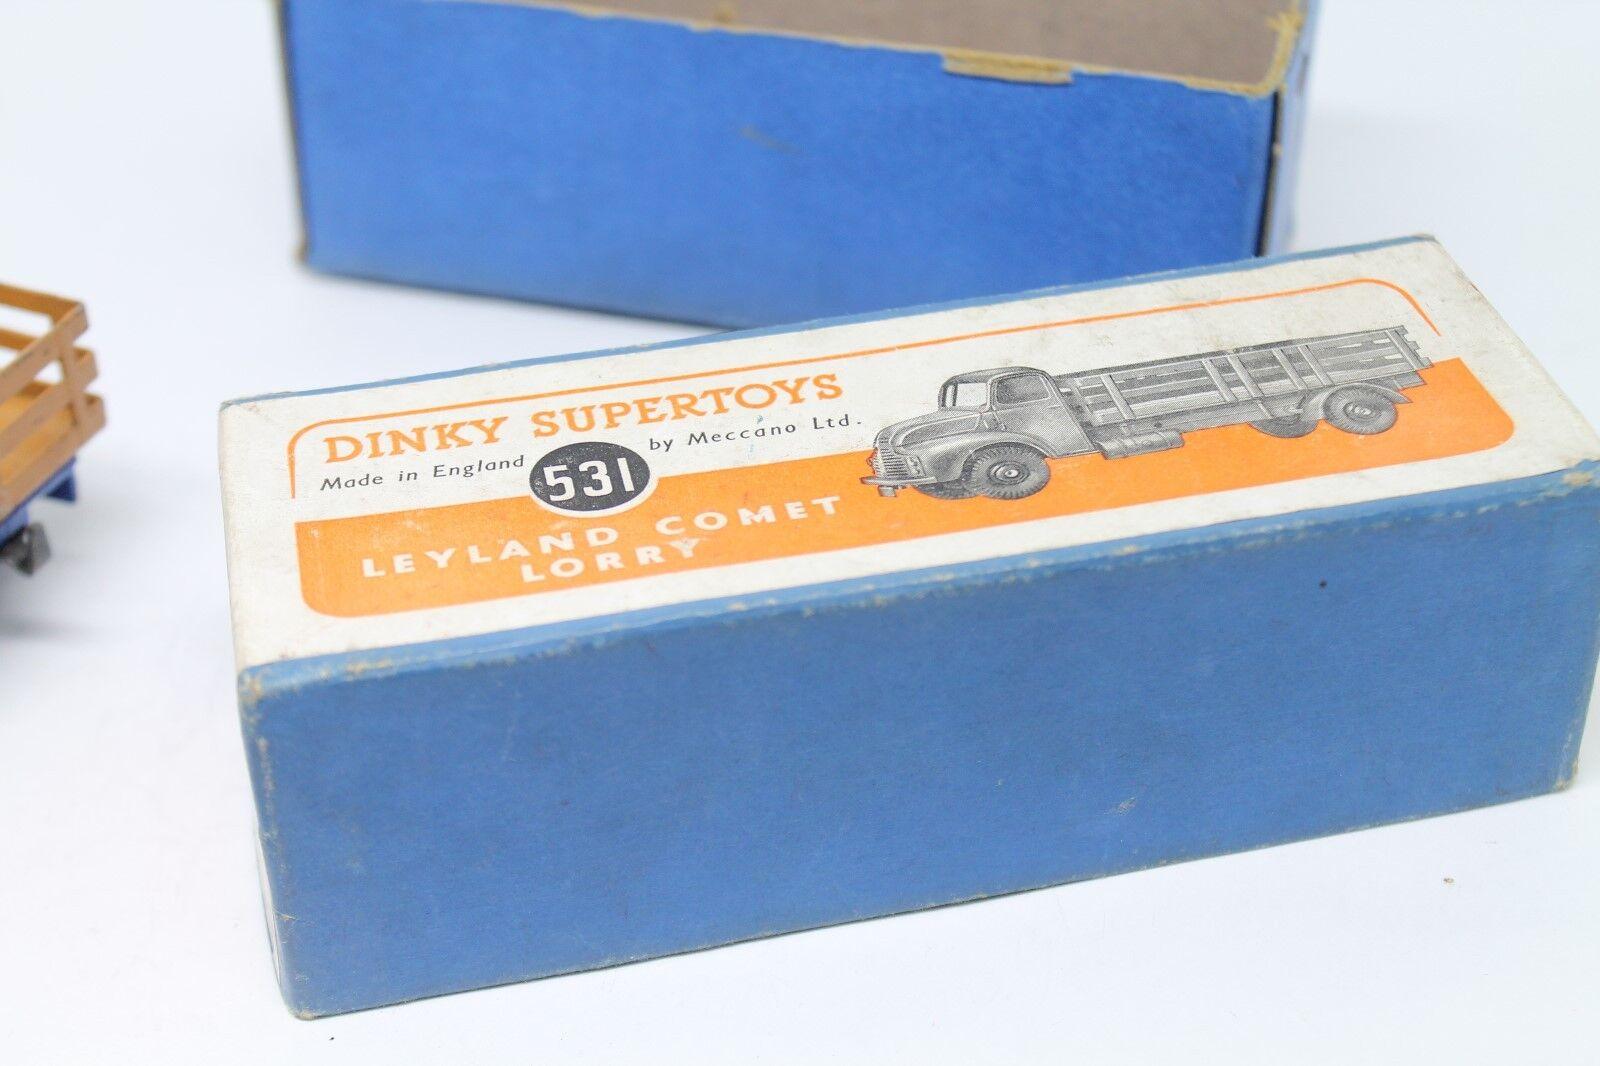 DINKY SUPERTOYS 531 531 531  Leyland comet Lorry  Neuf dans sa boîte  1952 | De Biens De Toutes Sortes Sont Disponibles  | Ingénieux Et Pratique  | Online Shop  c55b71